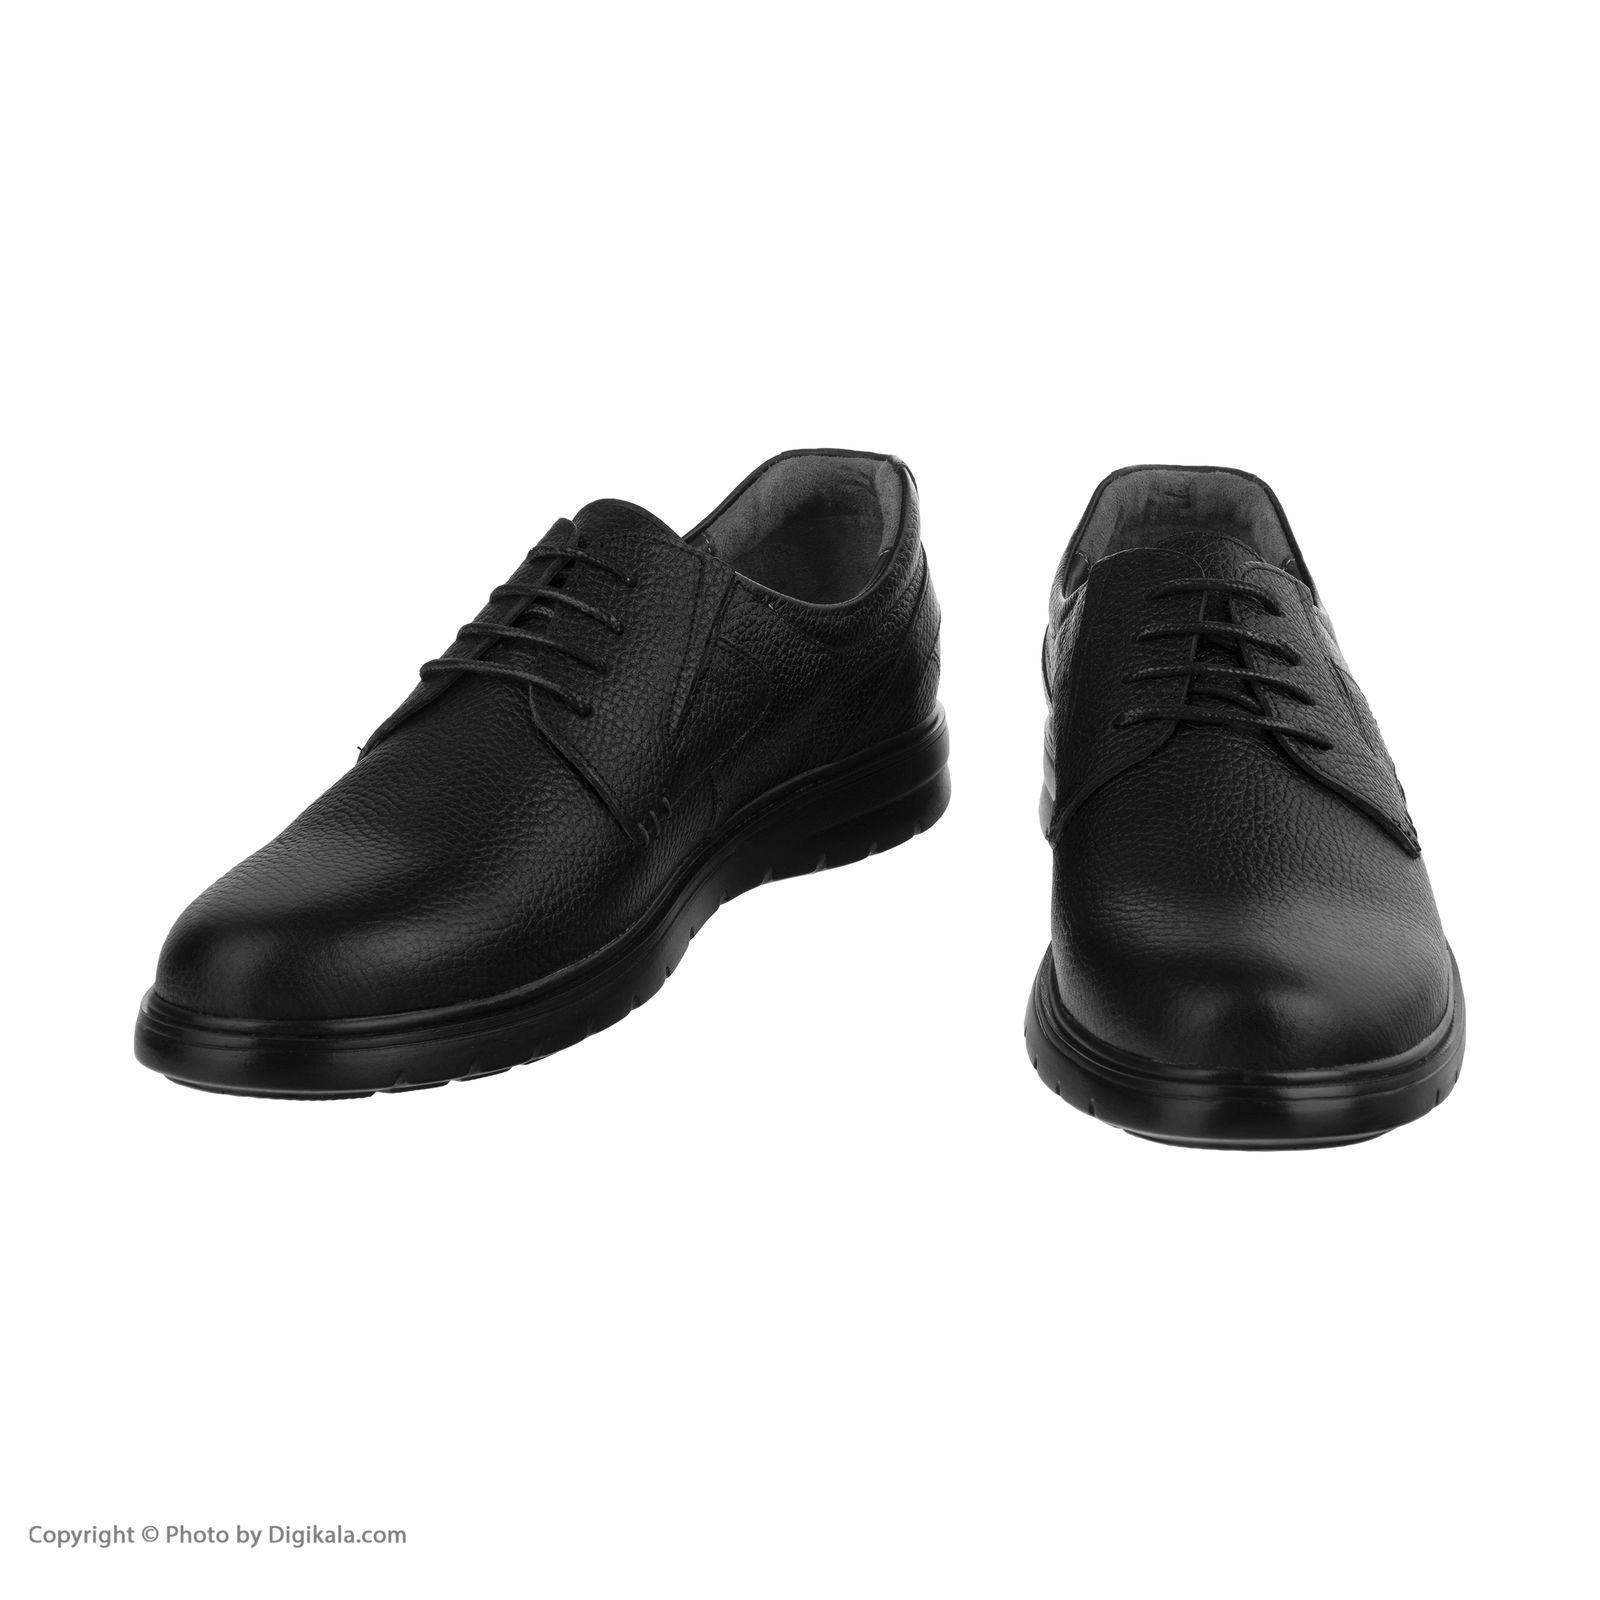 کفش روزمره مردانه سوته مدل 5001B503101 -  - 8